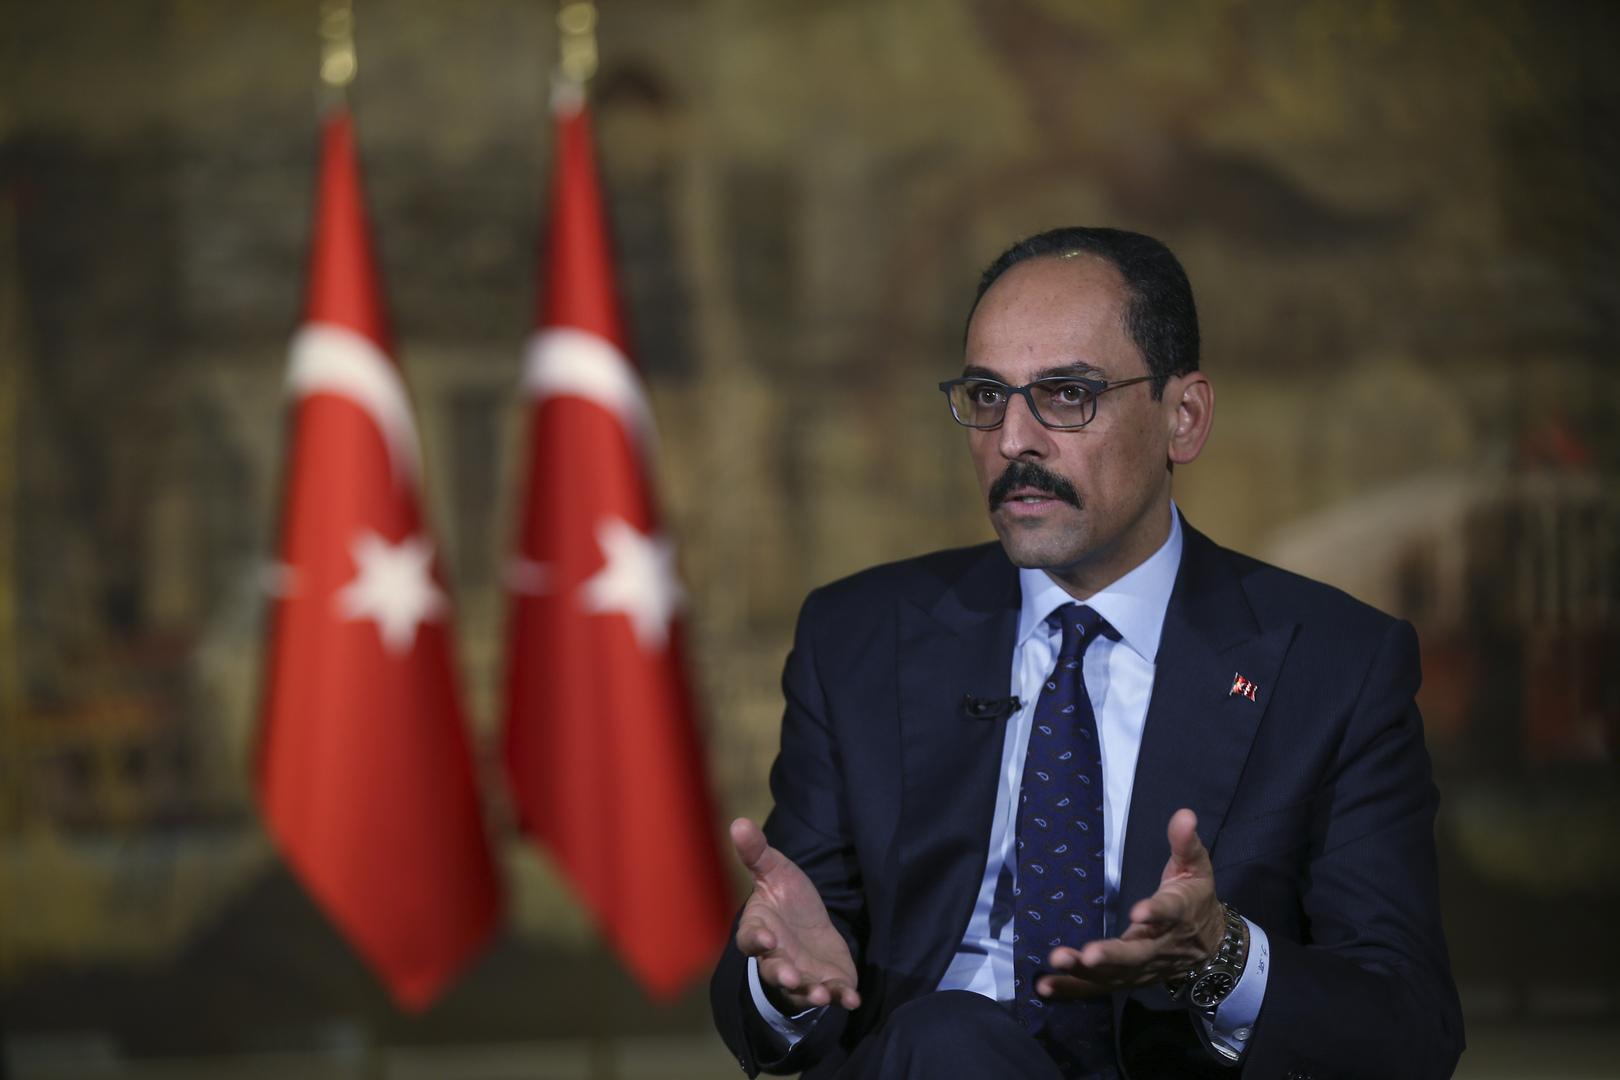 اجتماع تركي أمريكي في البيت الأبيض يدور حول الأوضاع في 3 دول عربية